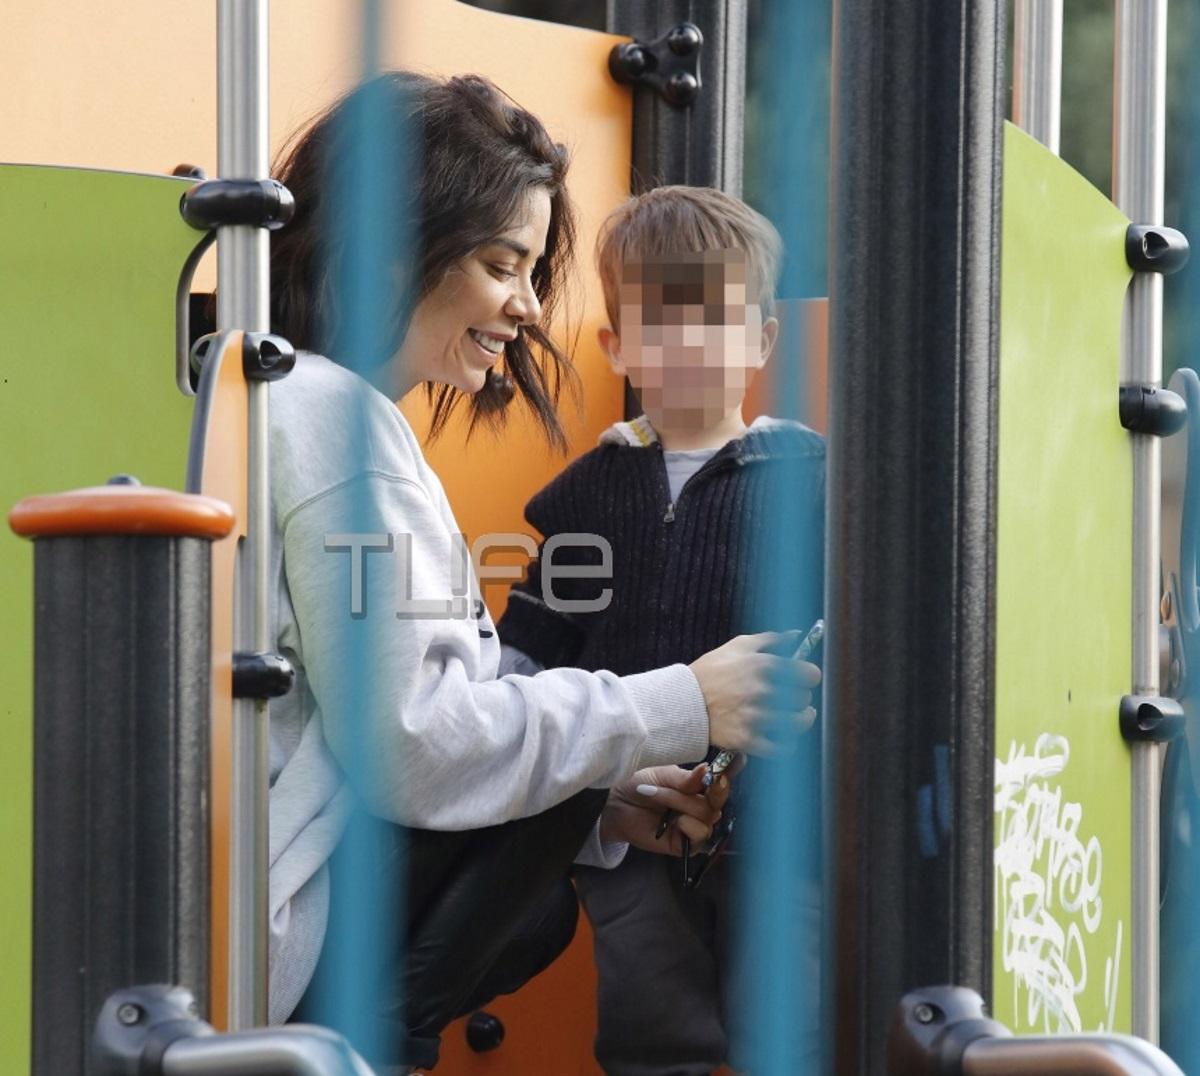 Τζο Λαζοπούλου: Full time μαμά! Στην παιδική χαρά με τον μονάκριβο γιο της η γνωστή τραγουδίστρια [pics] | tlife.gr